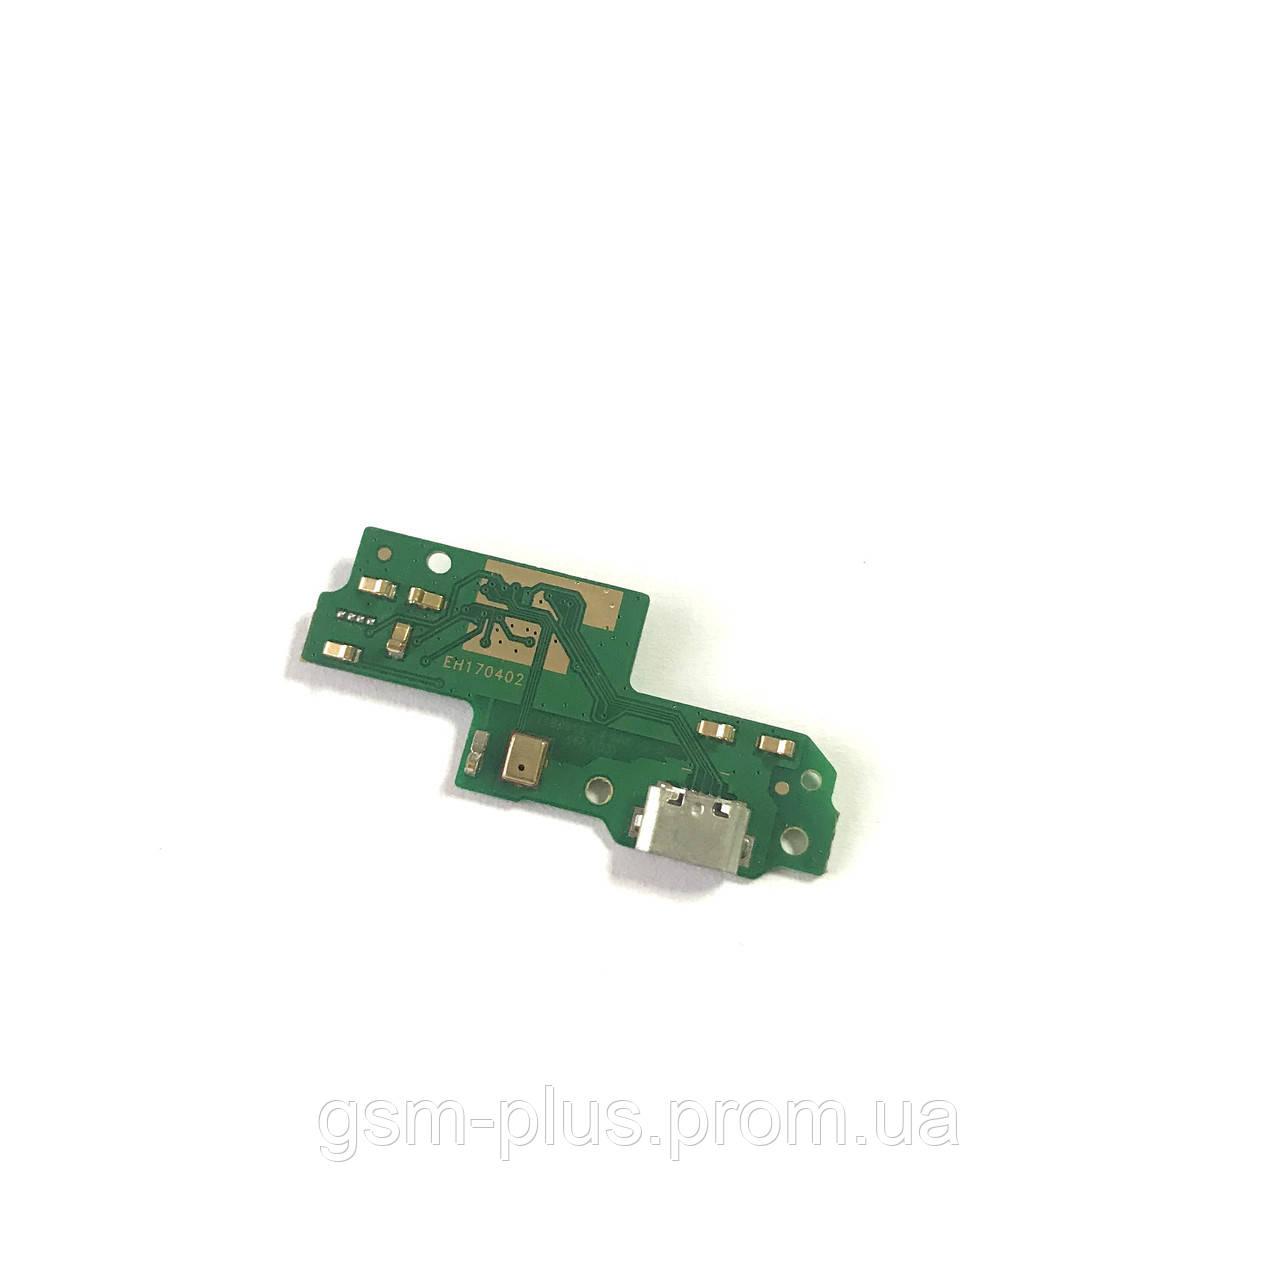 Разъем зарядки Huawei P9 Lite (VNS-L21 / с платкой)